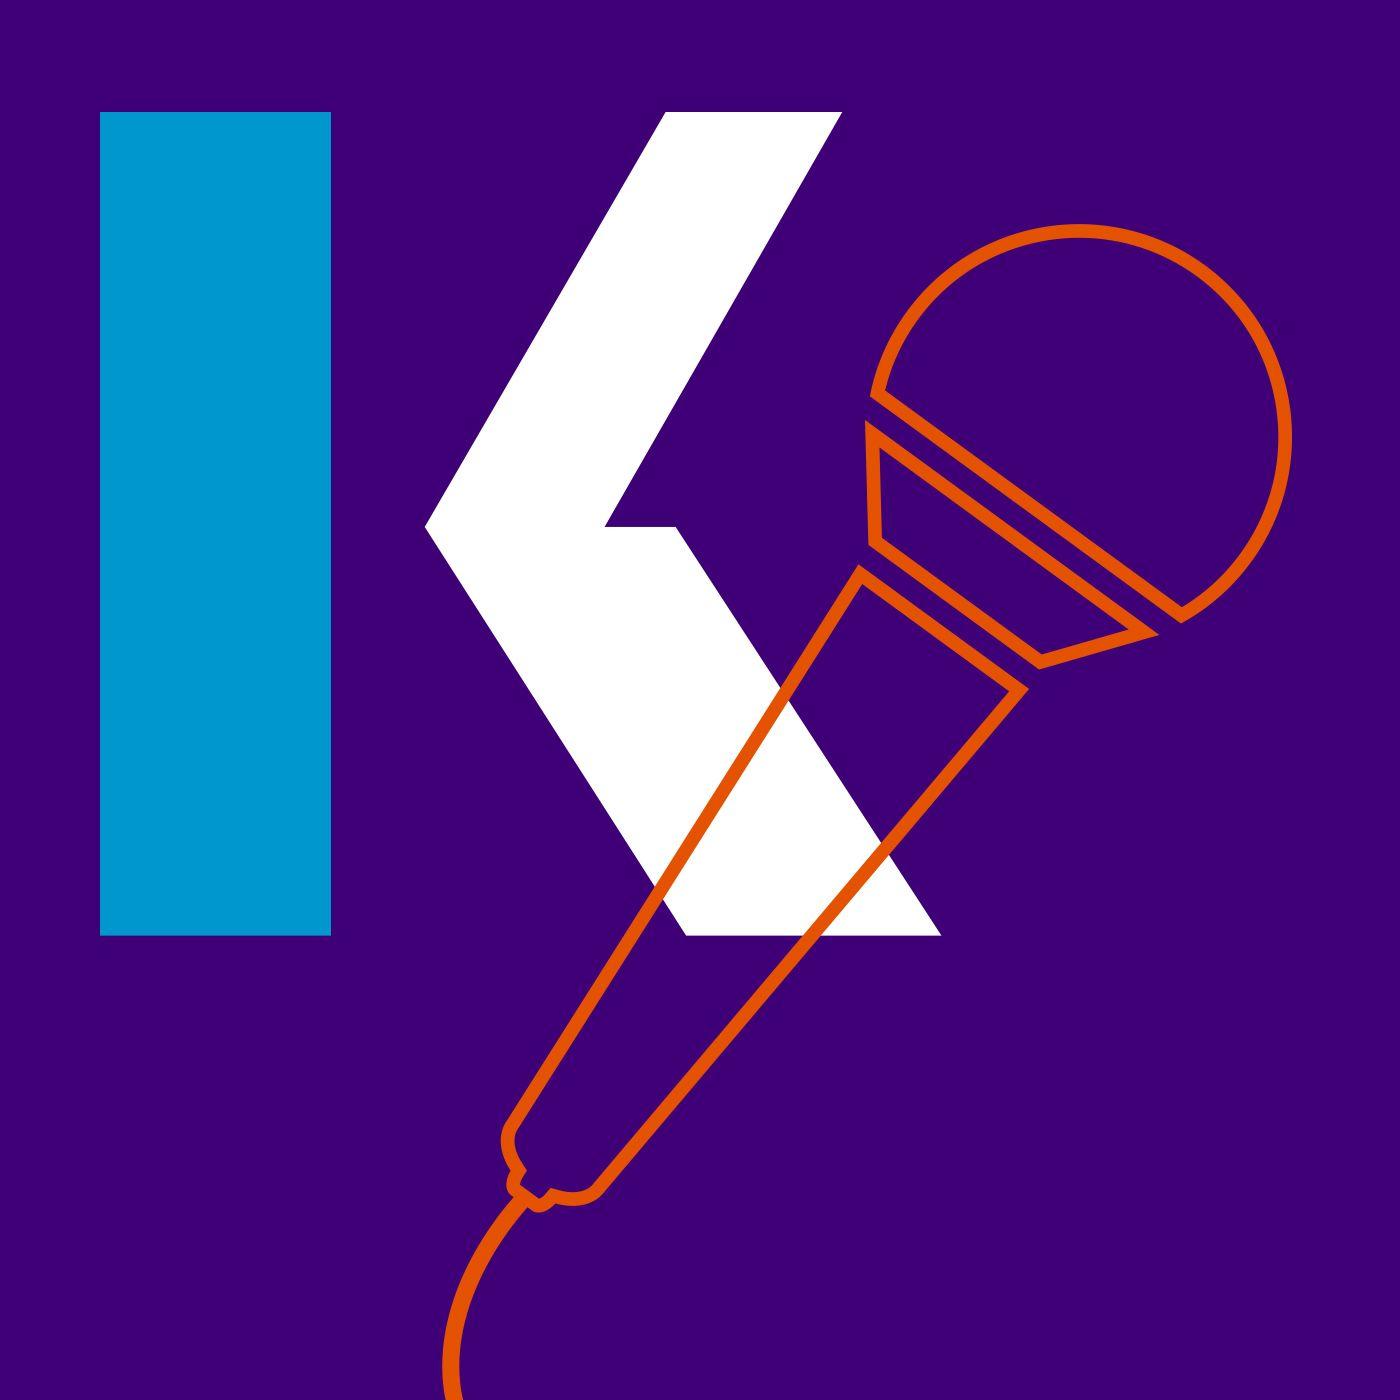 Kaplan's NCLEX Prepcast - Episode 35 - Nursing Student Q&A with Special Guest Katie Duke